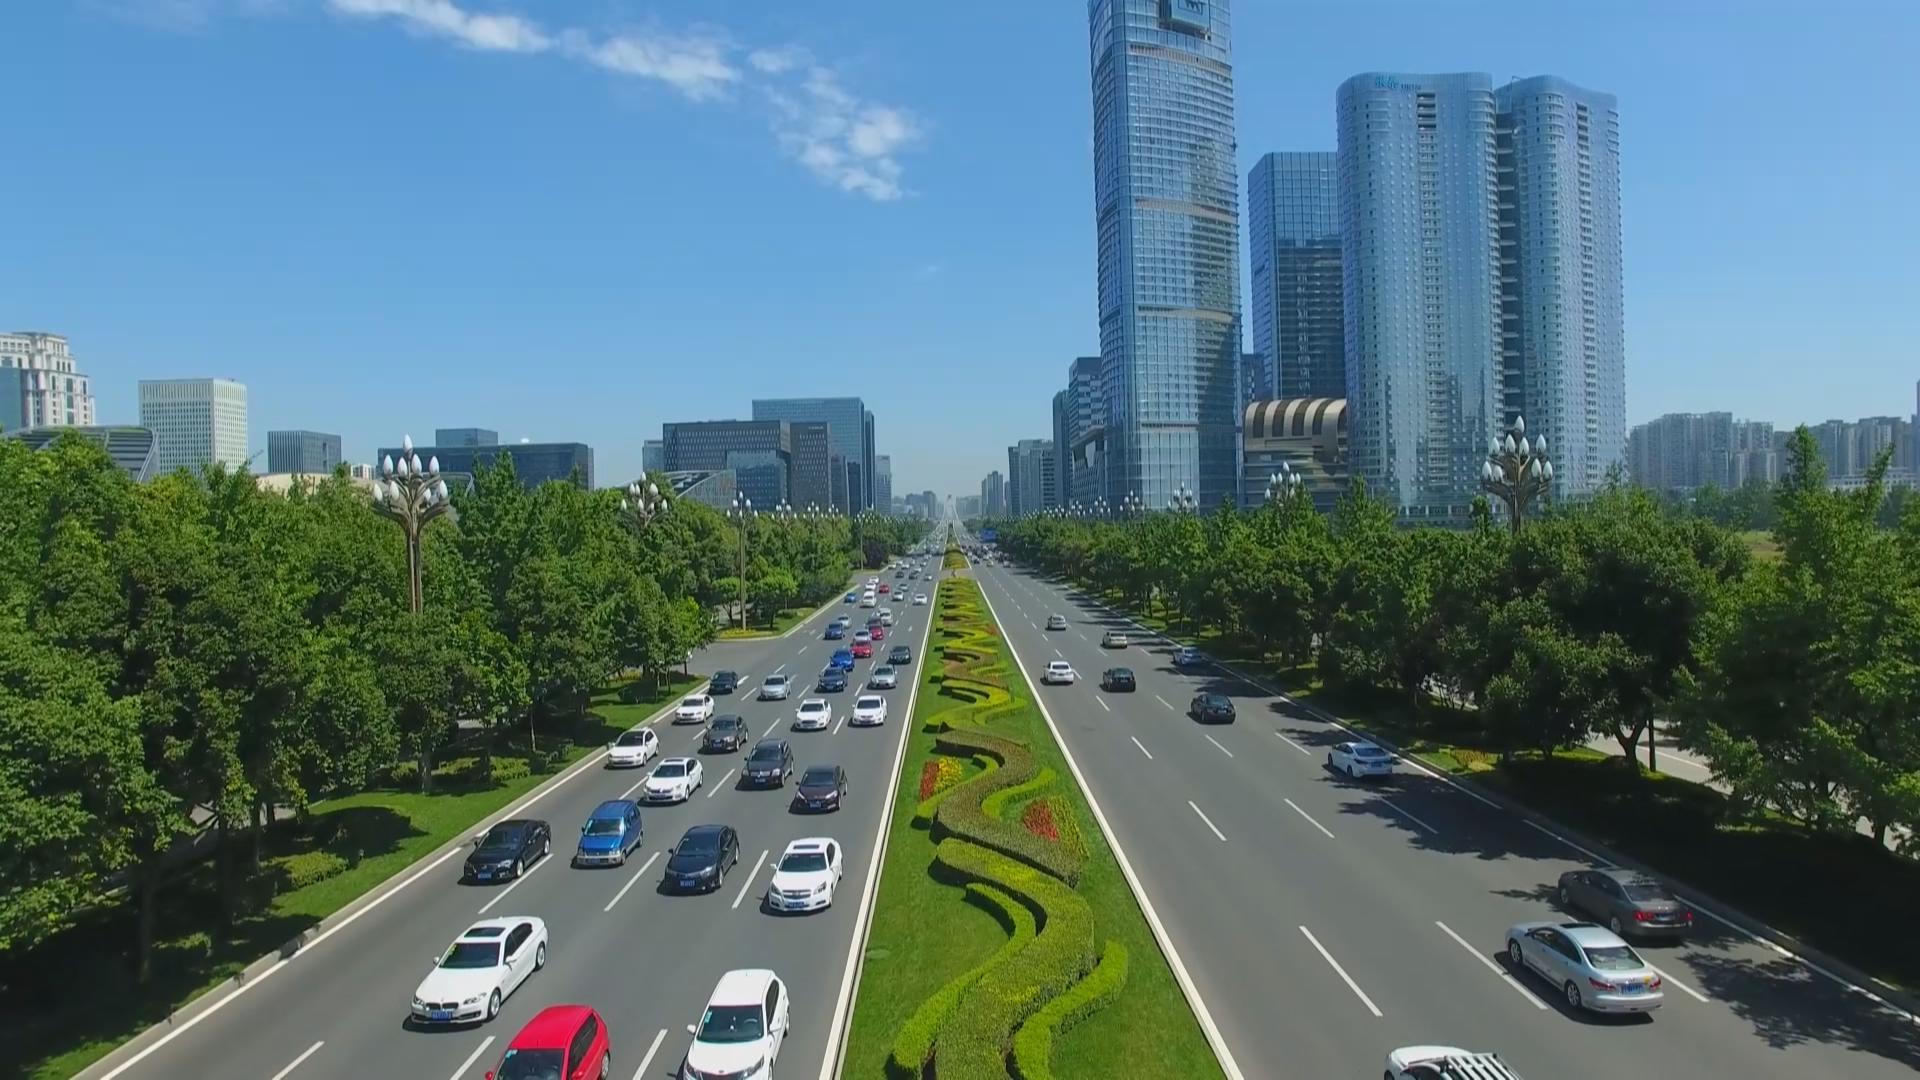 學習借鑒先進營城理念 加快建設國際消費中心城市